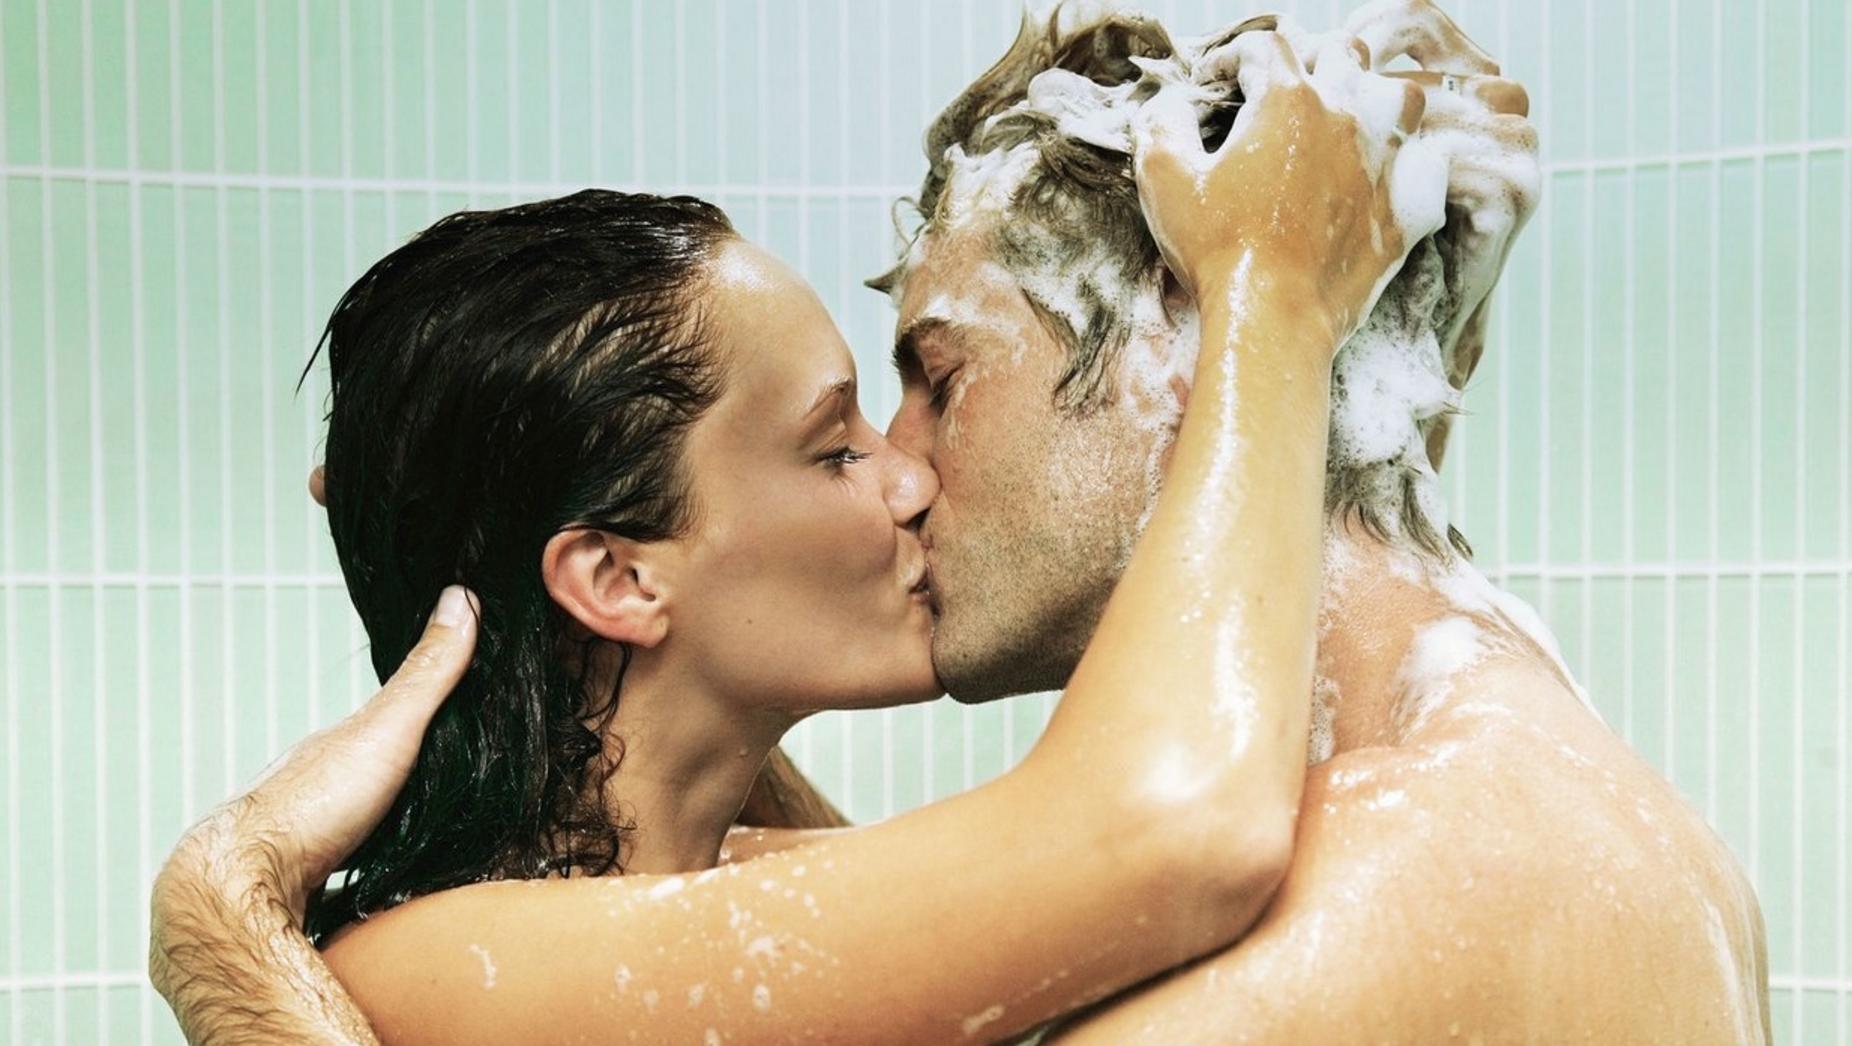 Pornografi (ya da kısa adıyla porno), tanım olarak cinsel herhangi bir materyalin açık olarak sergilenmesi demektir.